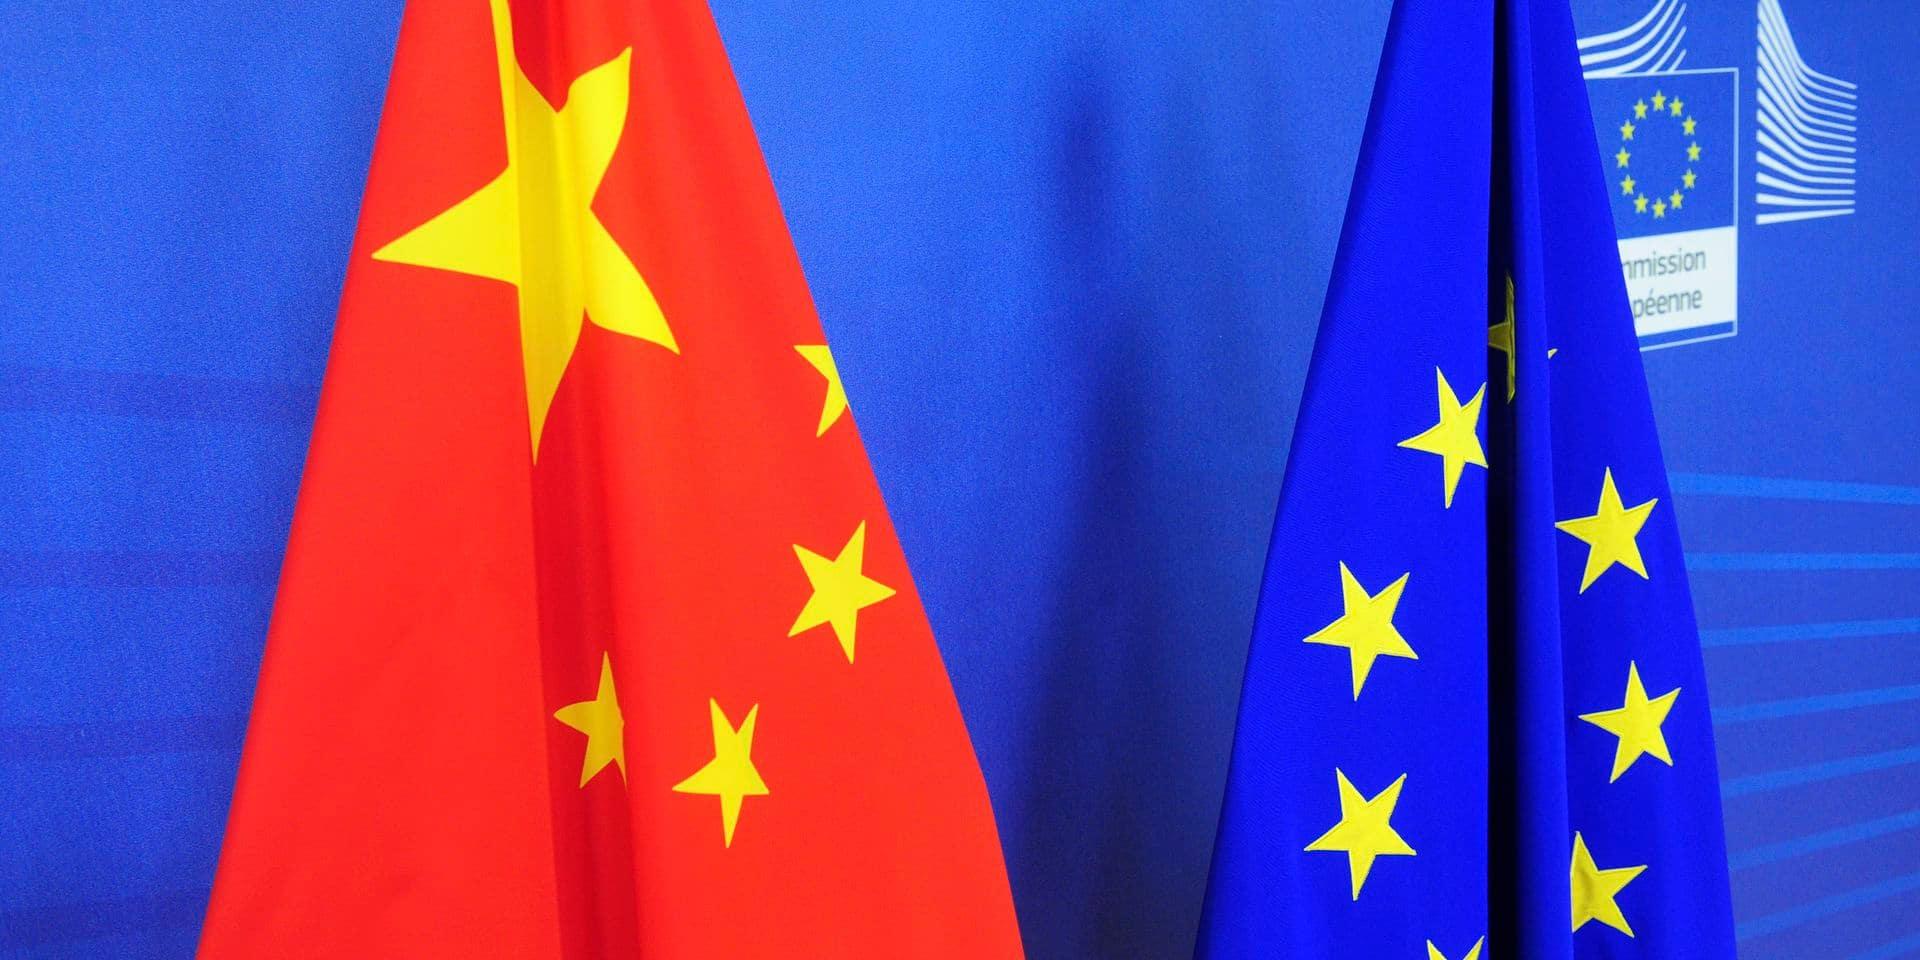 """Pologne, Hongrie, Portugal: ces pays européens qui jouent aux """"pandas"""" et s'endettent en Chine"""